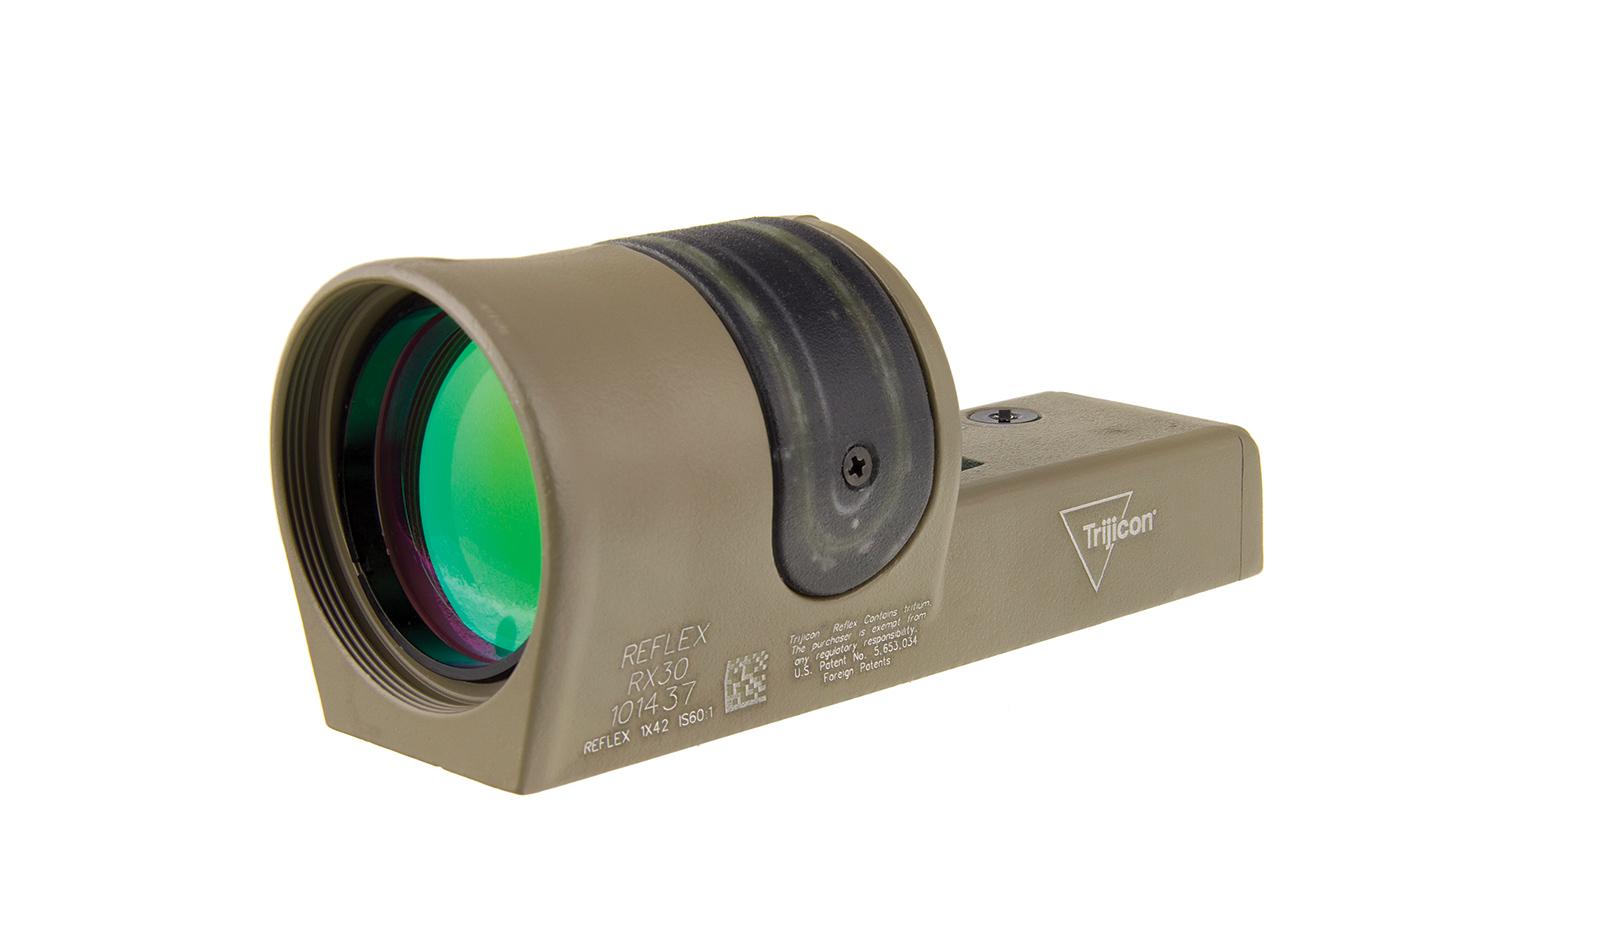 RX30-C-800067 angle 1